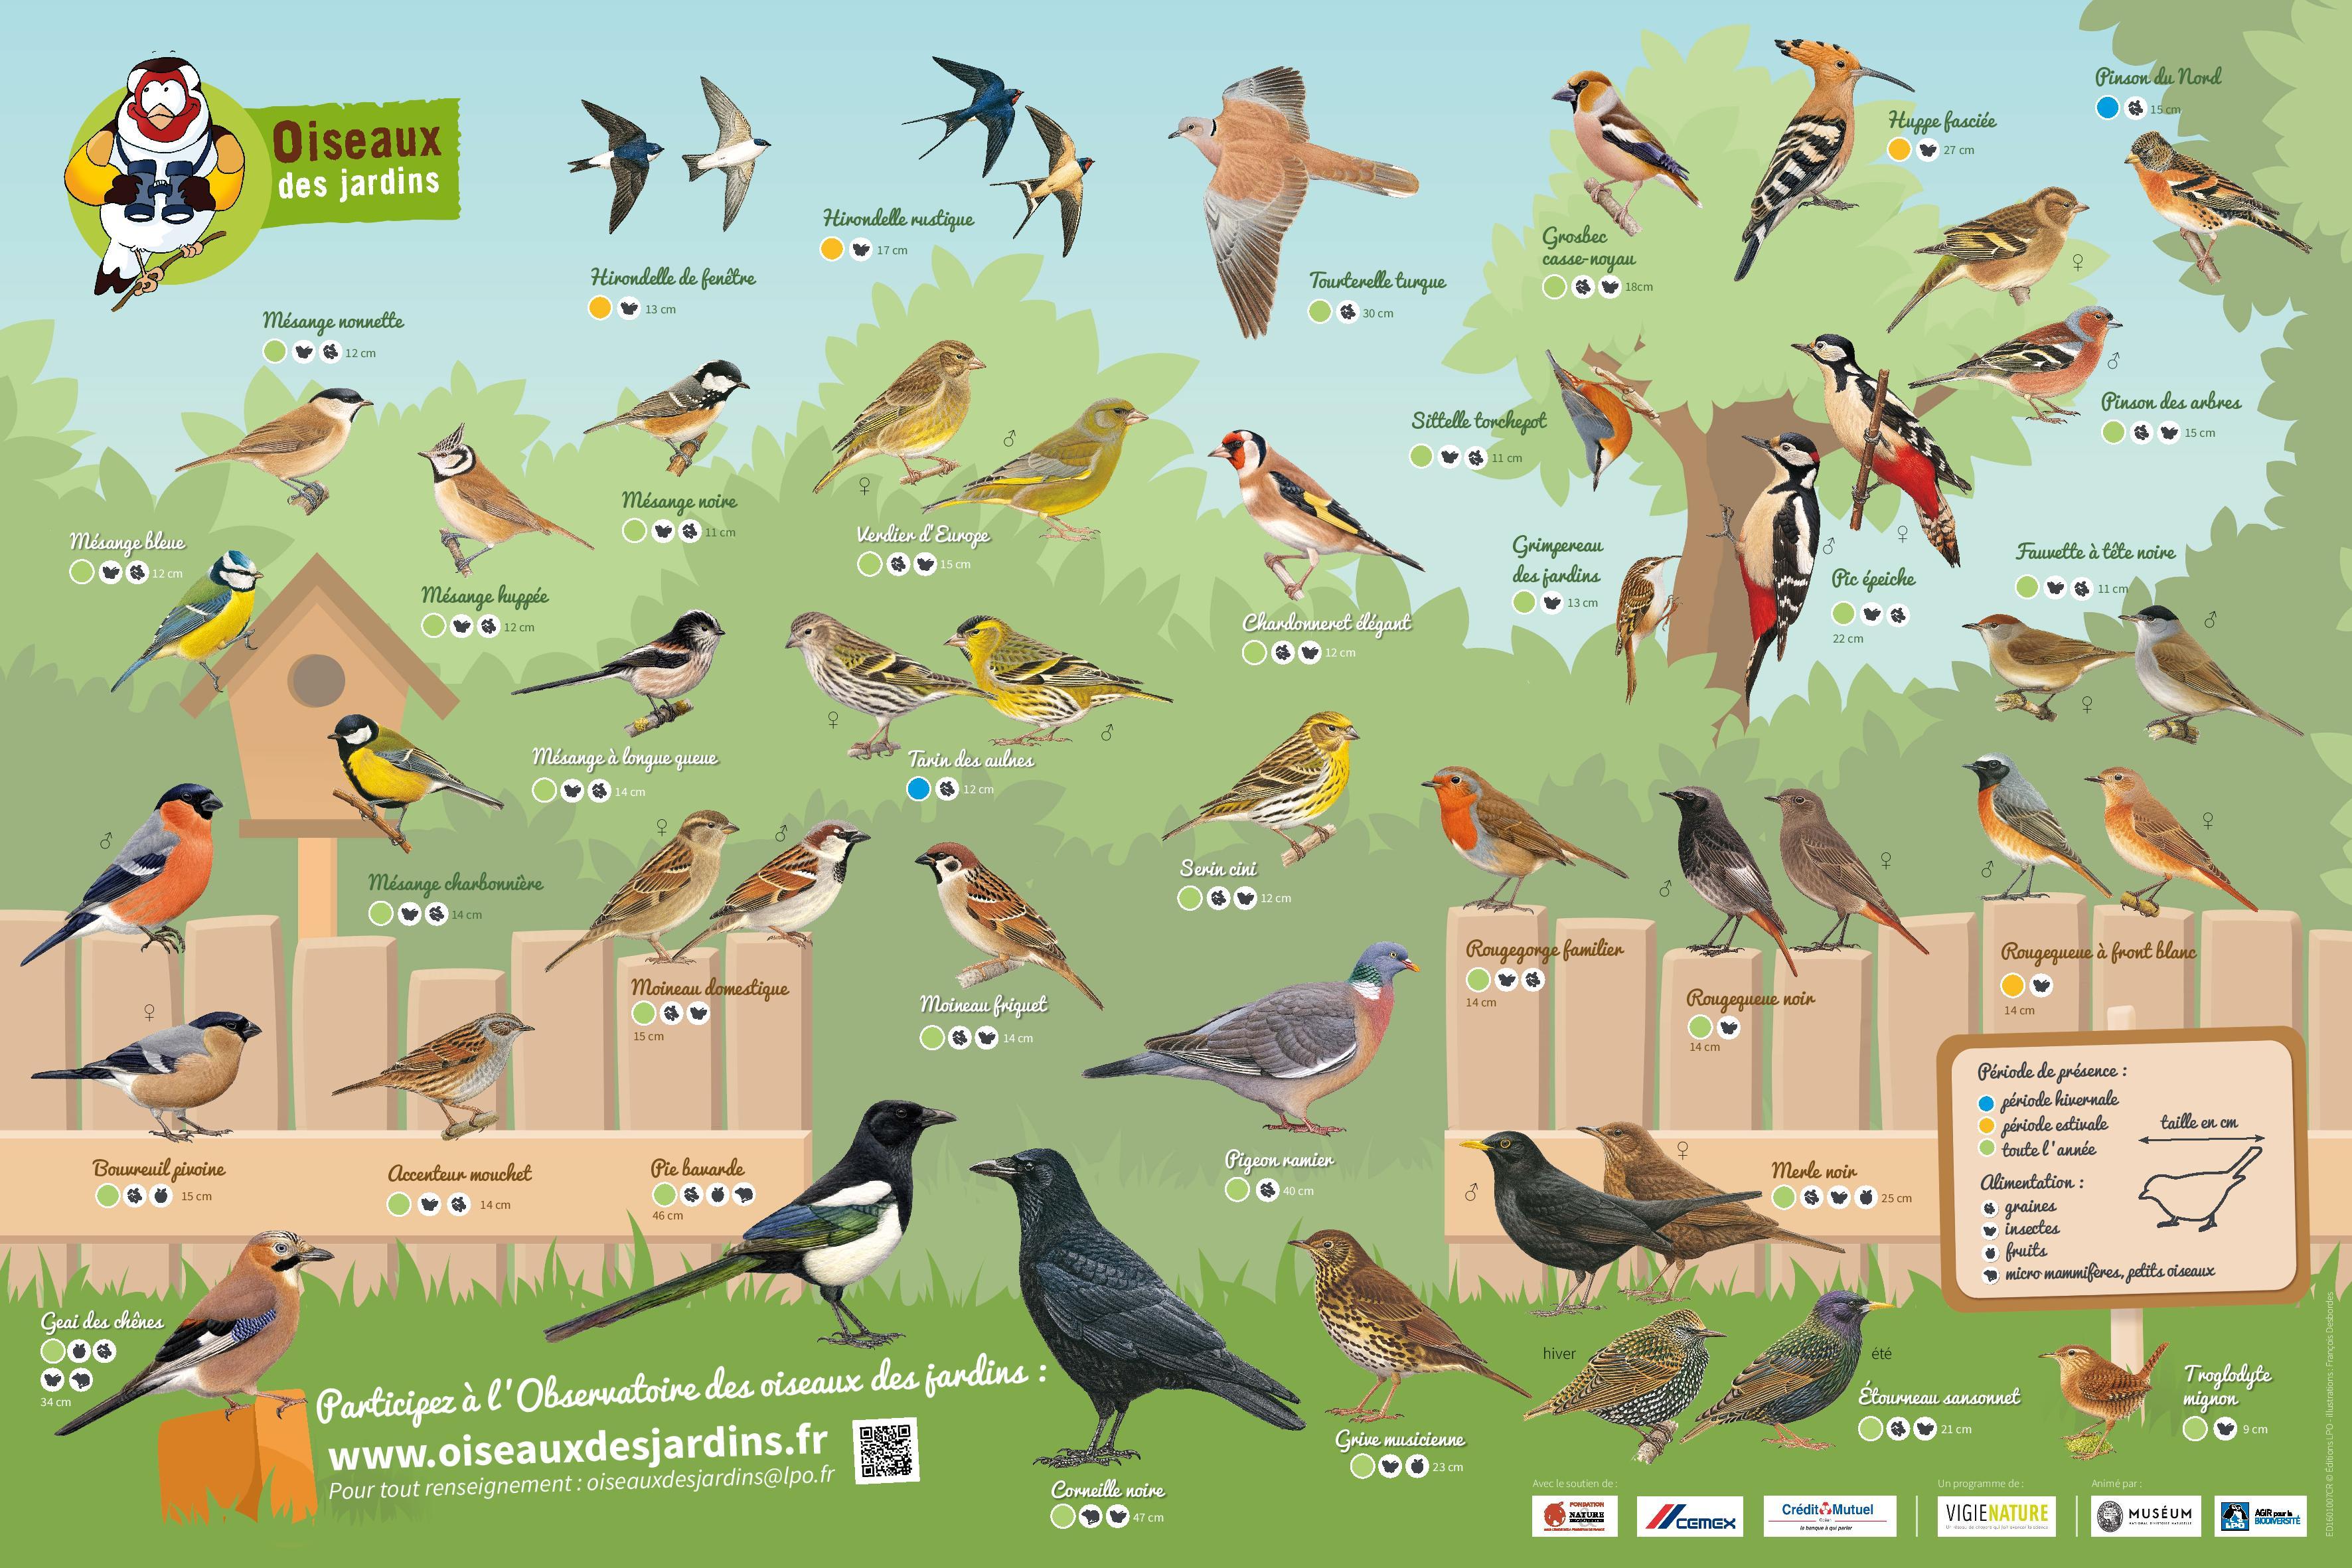 https://cdnfiles1.biolovision.net/www.oiseauxdesjardins.fr/userfiles/PosterODJ2016.jpg